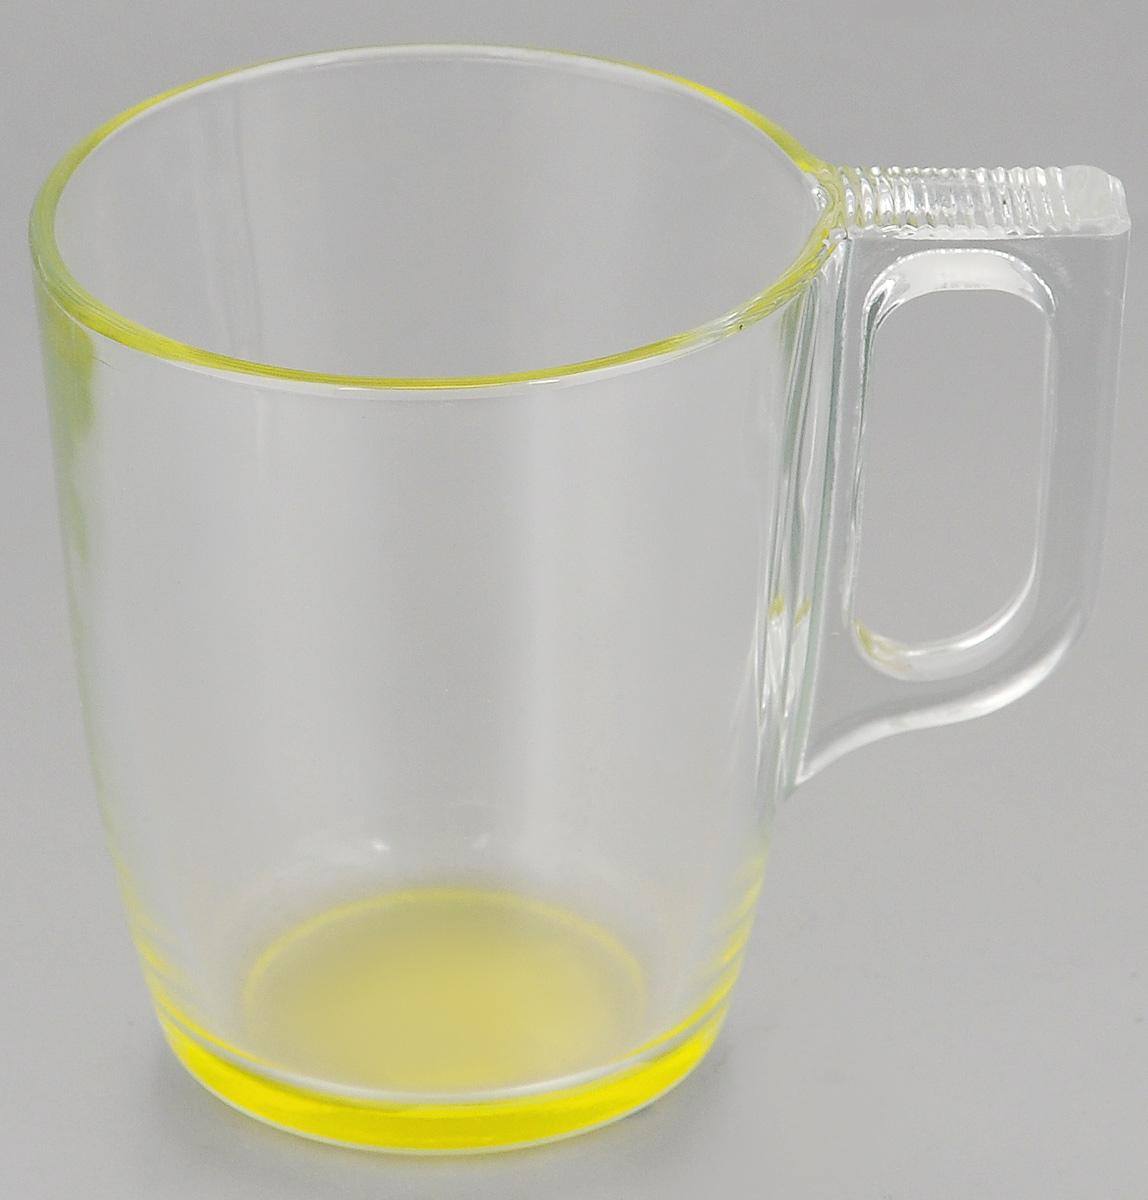 Кружка Luminarc Crazy Colors Yellow. 250 млJ3708Кружка Luminarc Crazy Colors Yellow, изготовленная из ударопрочного стекла, прекрасно подойдет для горячих и холодных напитков. Она дополнит коллекцию вашей кухонной посуды и будет служить долгие годы. Диаметр кружки (по верхнему краю): 7,5 см.